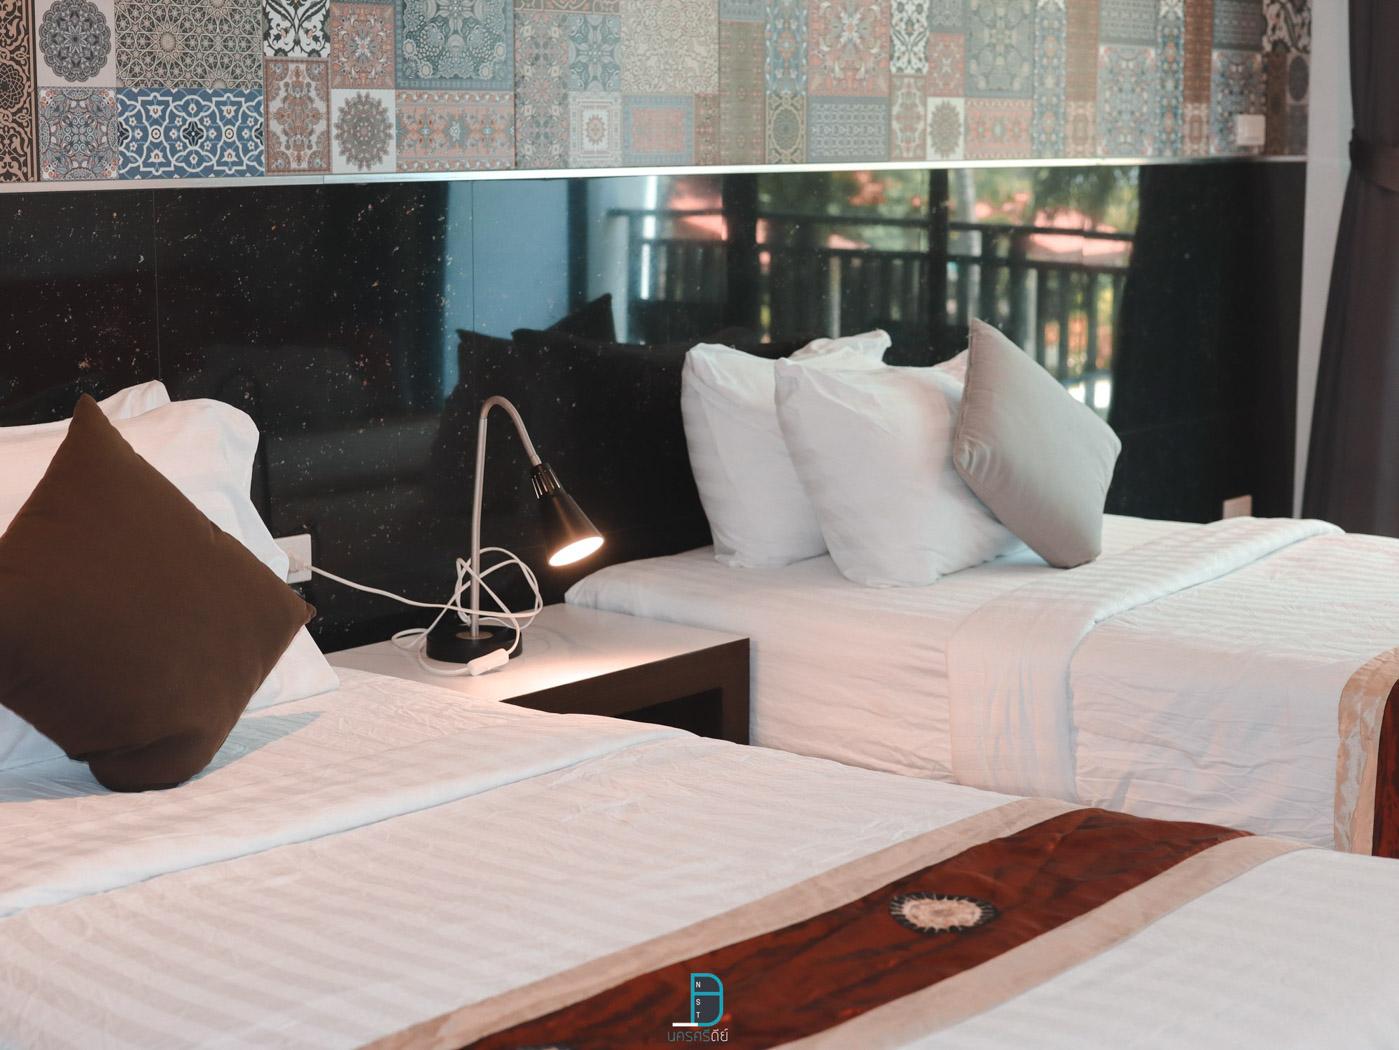 ห้องพักโทนขาวสวยๆ  ประสานสุข,วิลล่า,บีช,รีสอร์ท,นครศรีธรรมราช,ที่พัก,สิชล